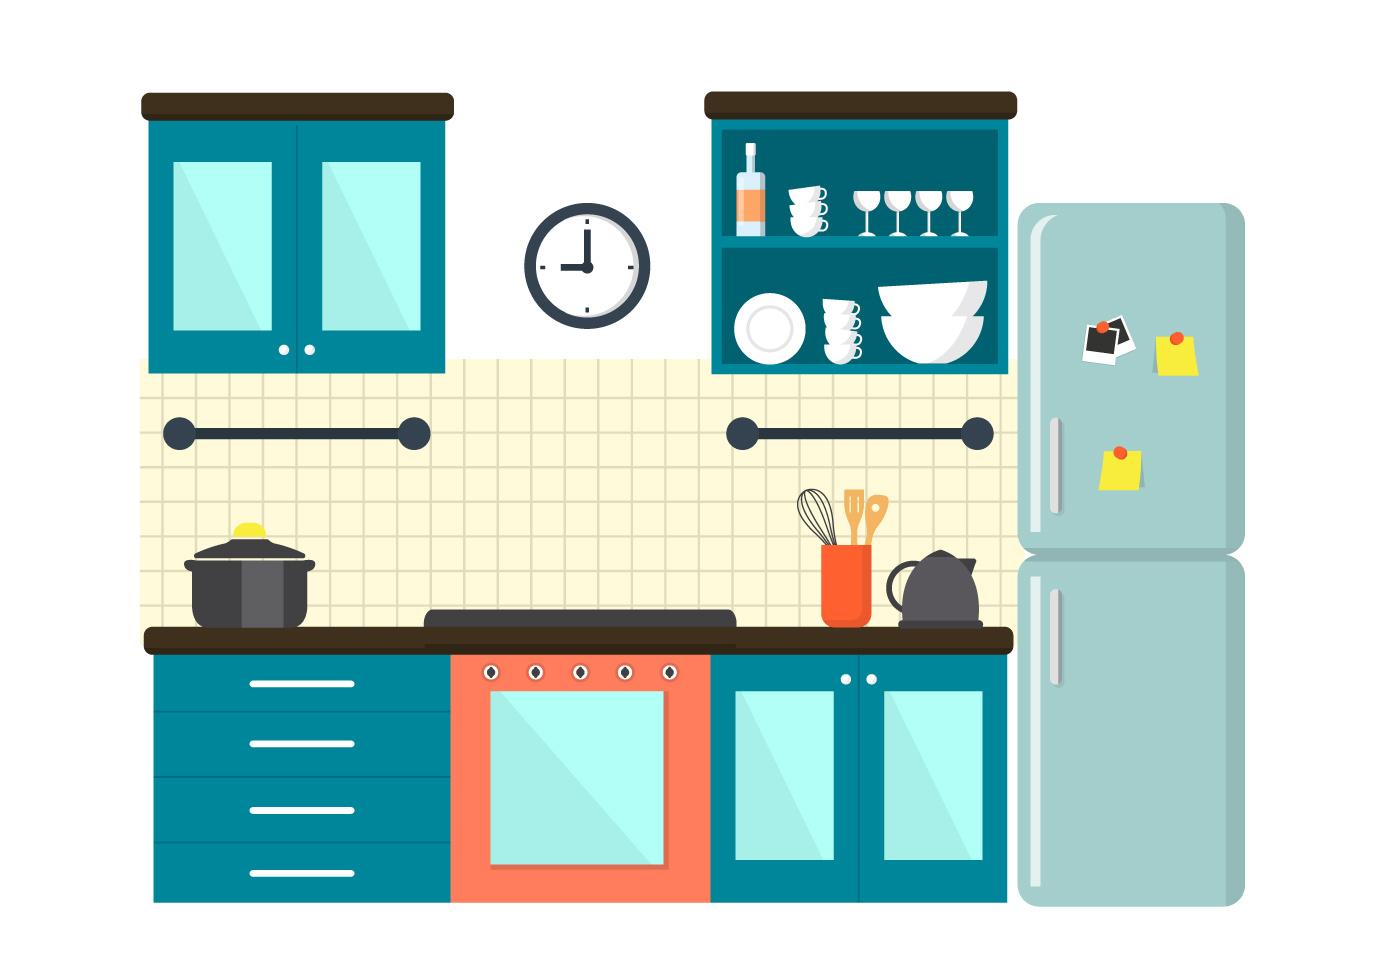 картинки для кухни вектор будет найдено